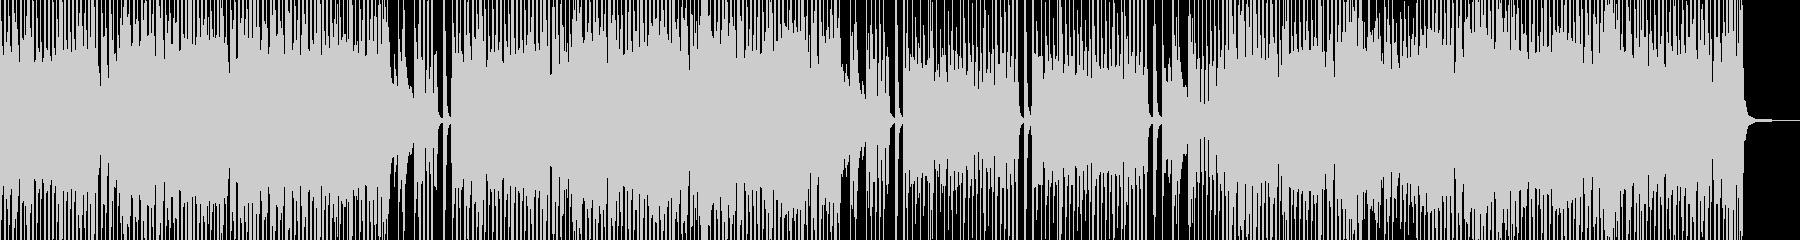 スィングポップ シンプル&リズミカルの未再生の波形